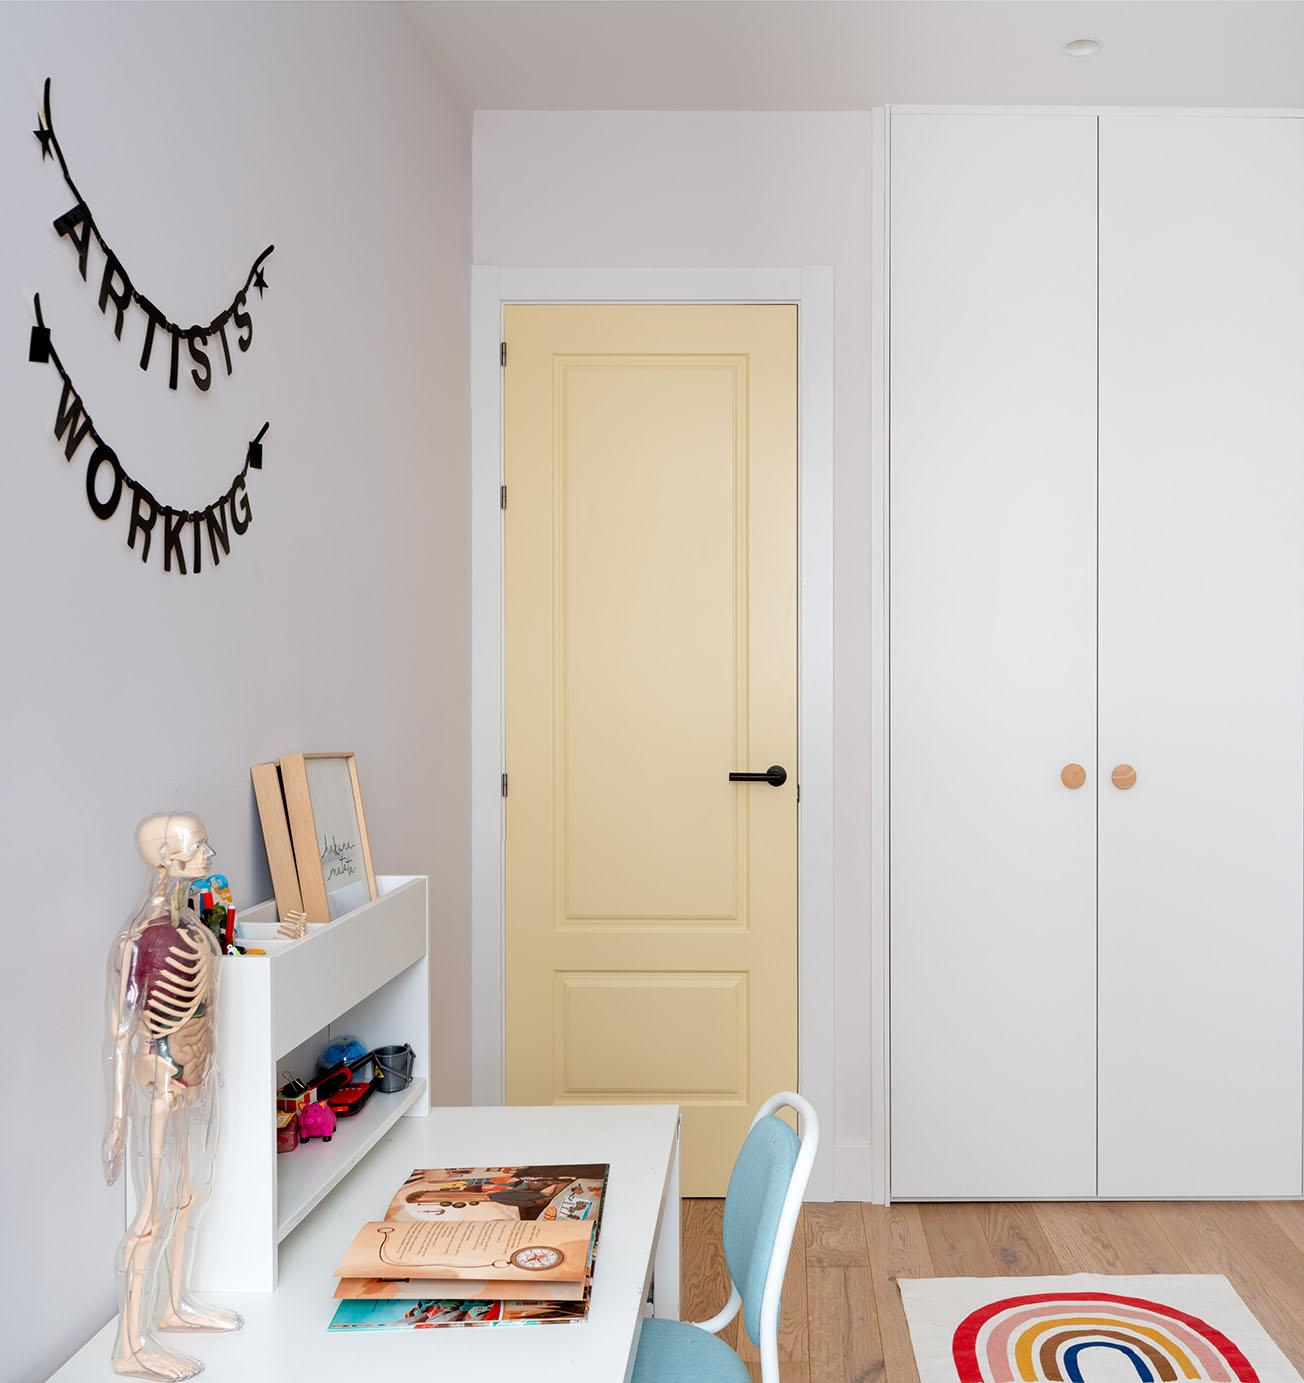 Reportaje fotográfico de arquitectura - Imagen de puerta de la habitación